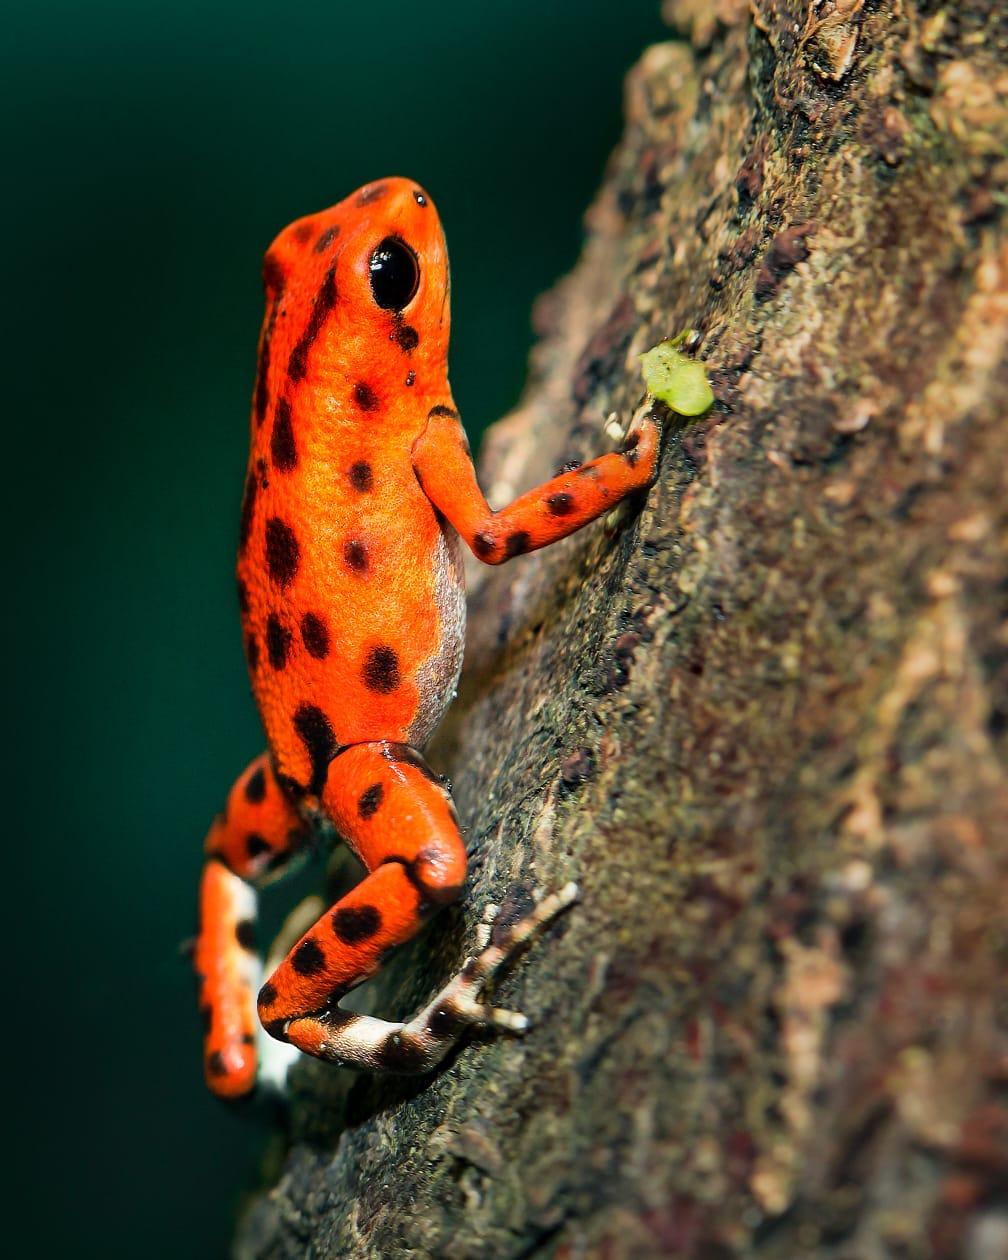 La rana venenosa del bosque tropical es una especie amenazada y un buen ejemplo de los organismos que se benefician de las discusiones y planes de acción llevados a cabo en conferencias como la COP13